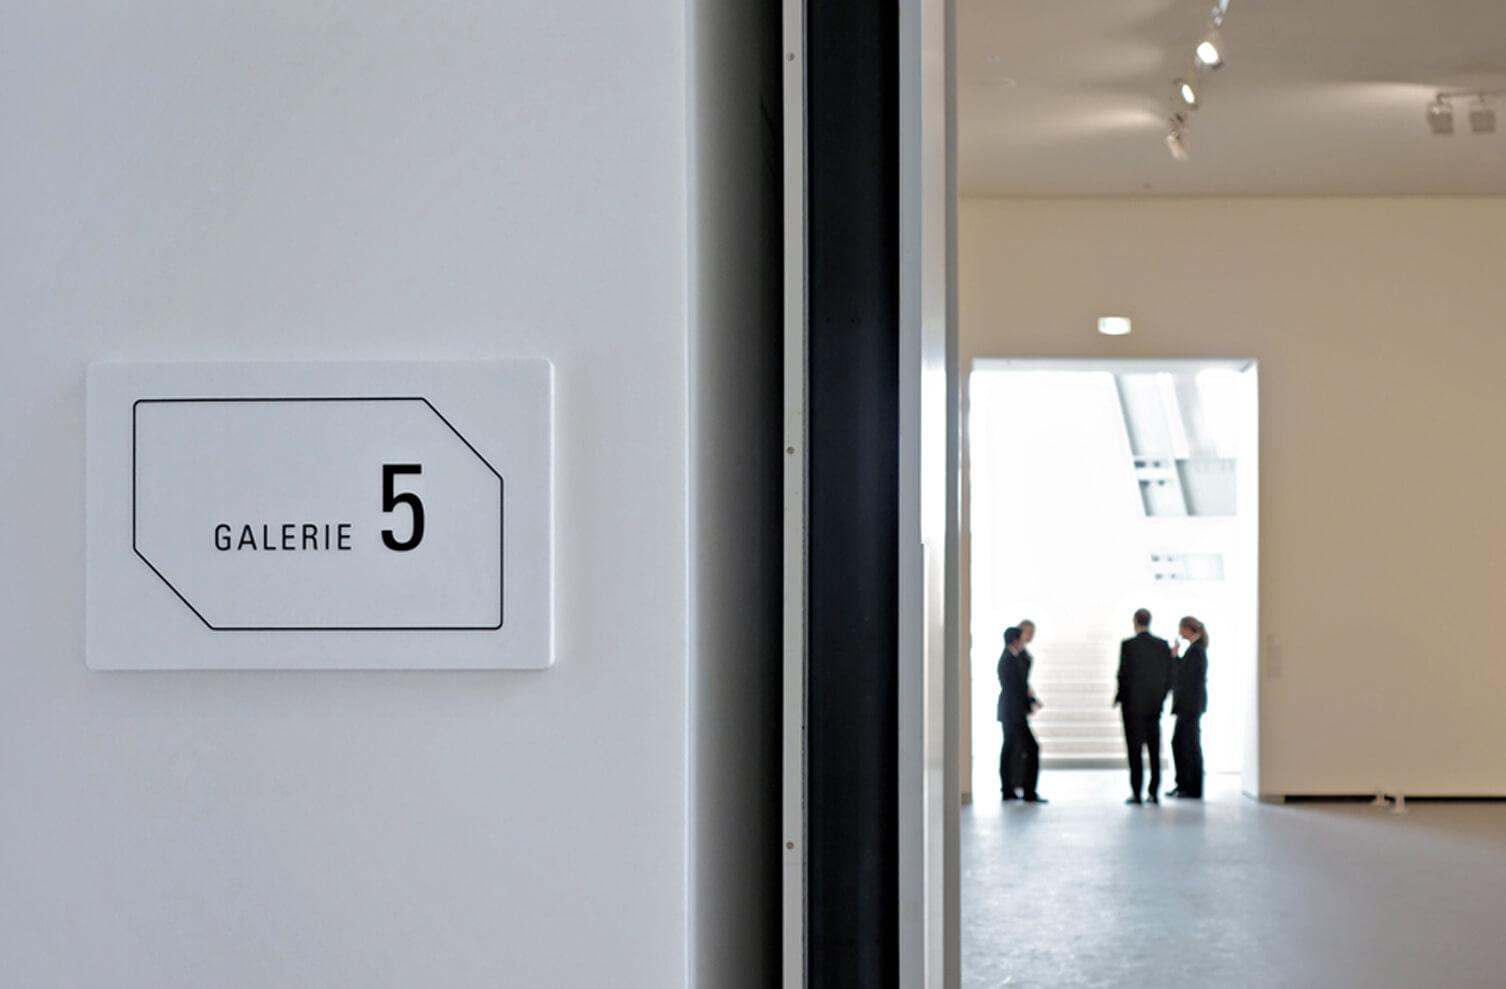 Image Fondation Louis Vuitton 8